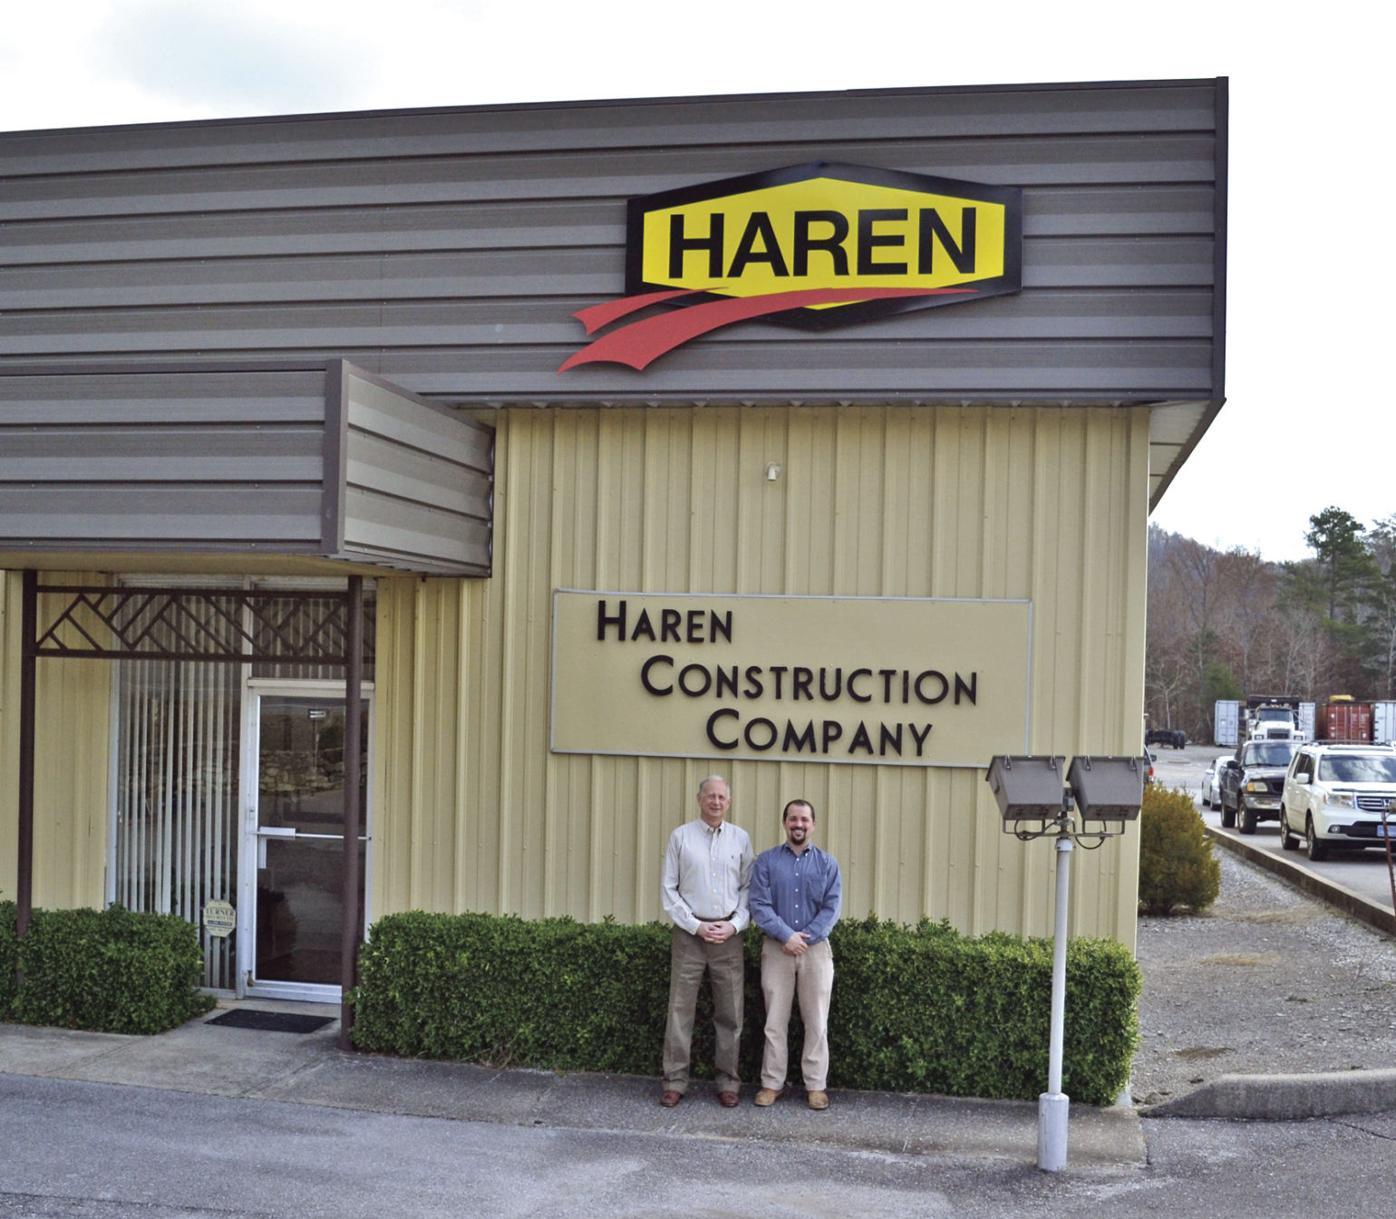 Haren Construction